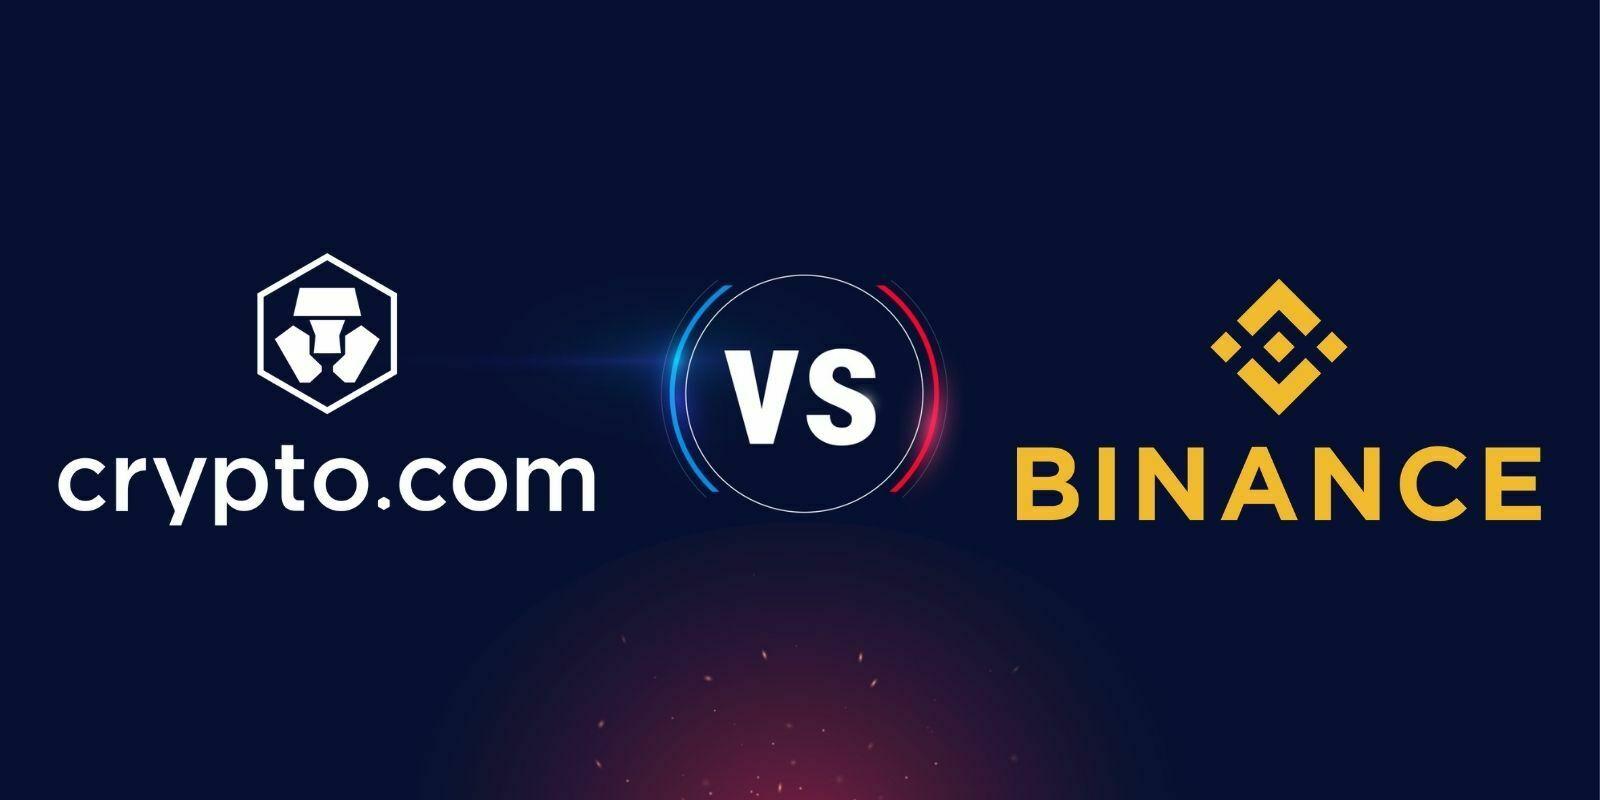 Crypto.com répond à Binance en augmentant le cashback de ses cartes